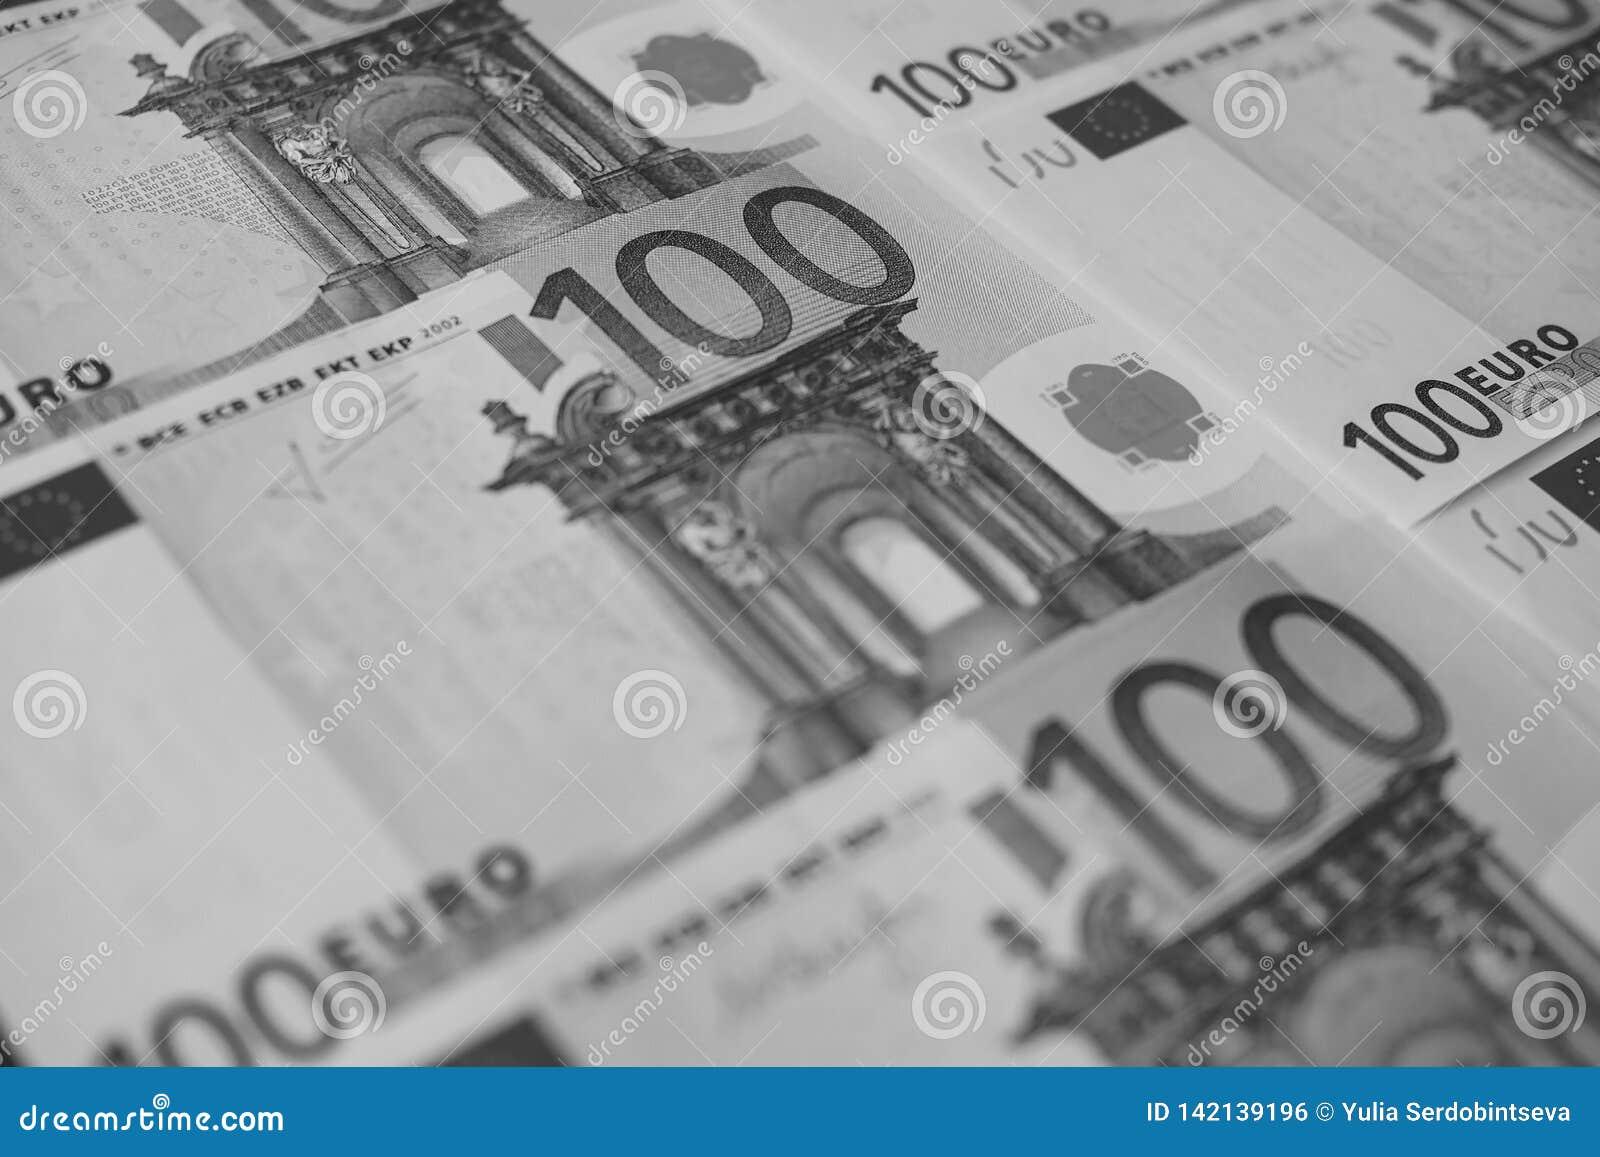 Diversas cédulas de um close-up de 100 euro, monocromáticas